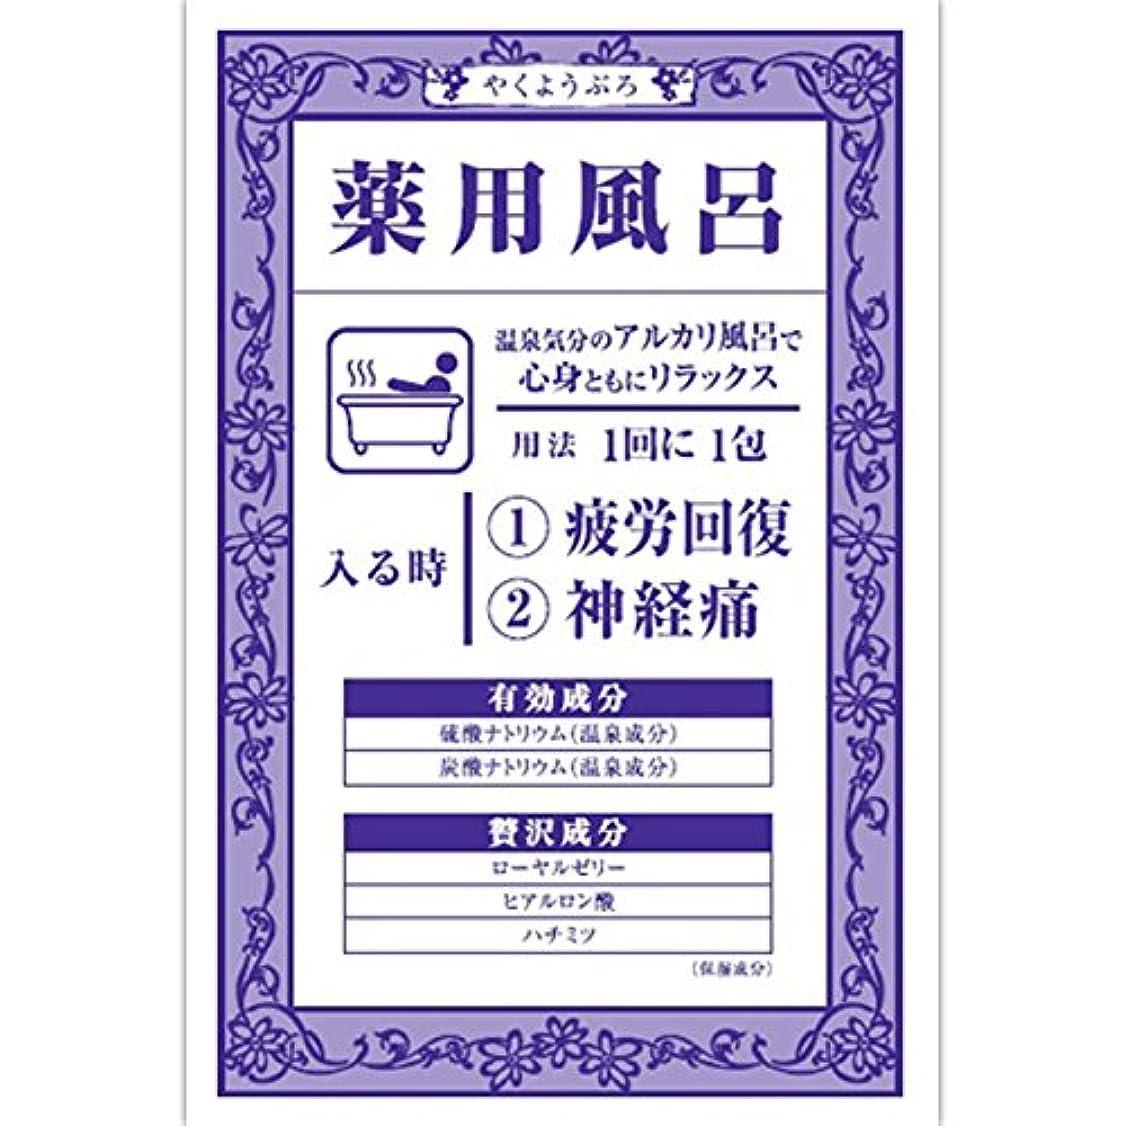 日の出ずっと円周大山 薬用風呂KKd(疲労回復?神経痛) 40G(医薬部外品)